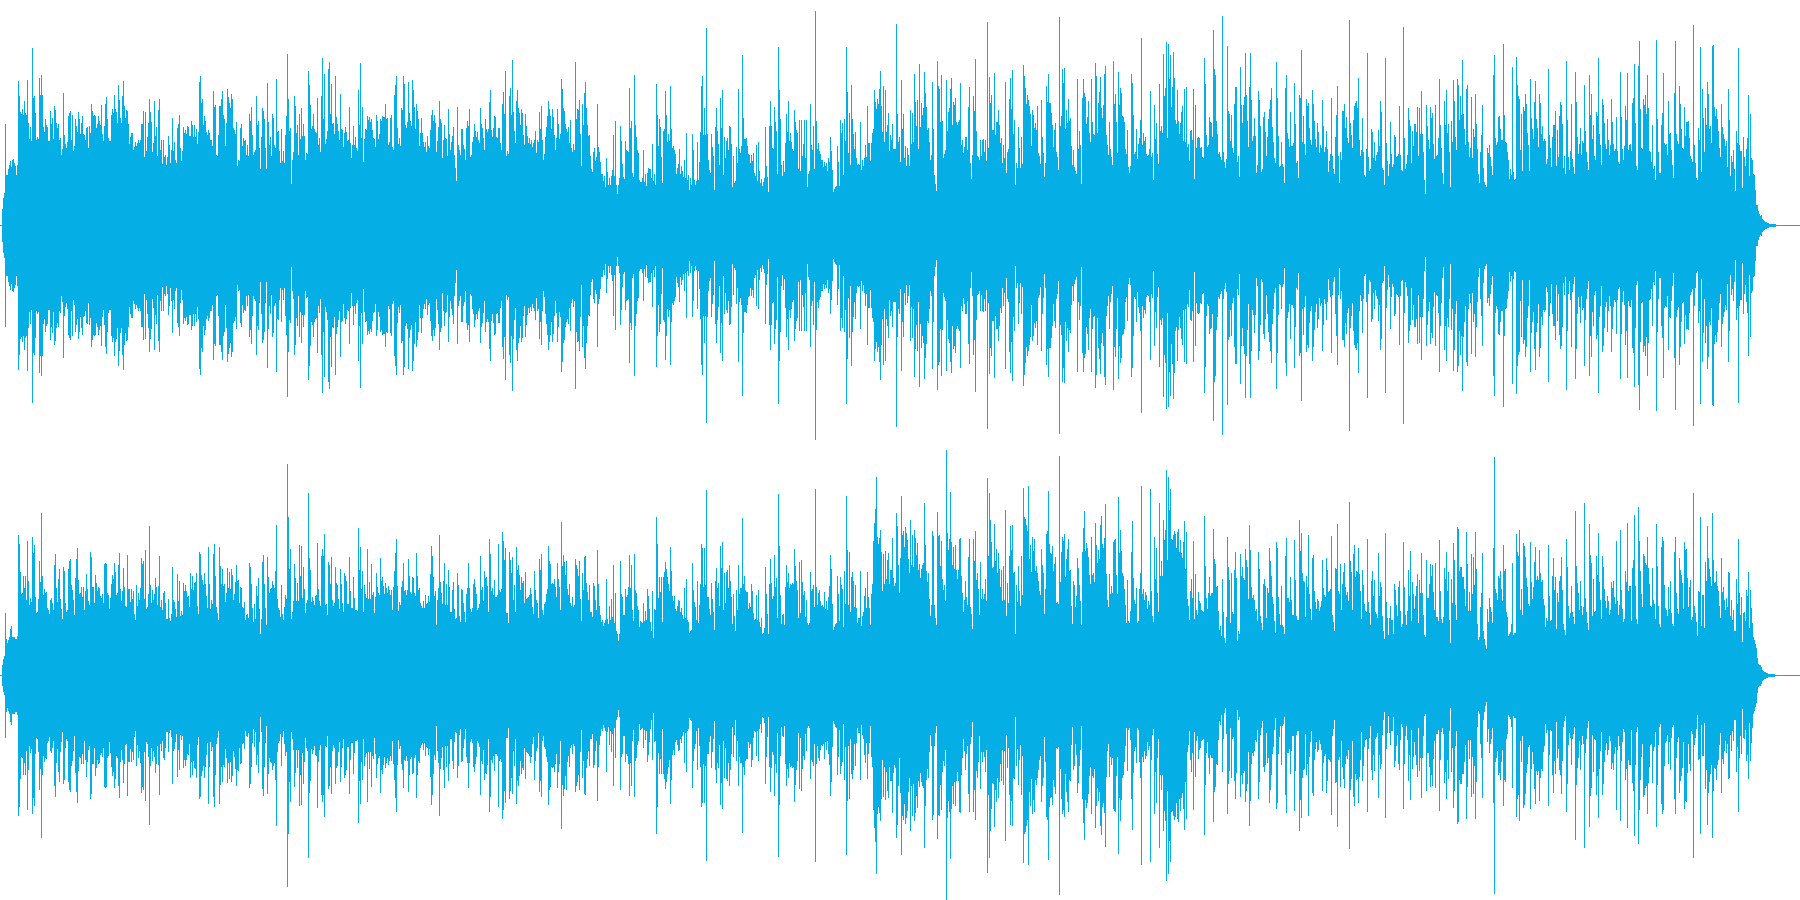 【CM・PV】明るい雰囲気の優雅な曲調の再生済みの波形